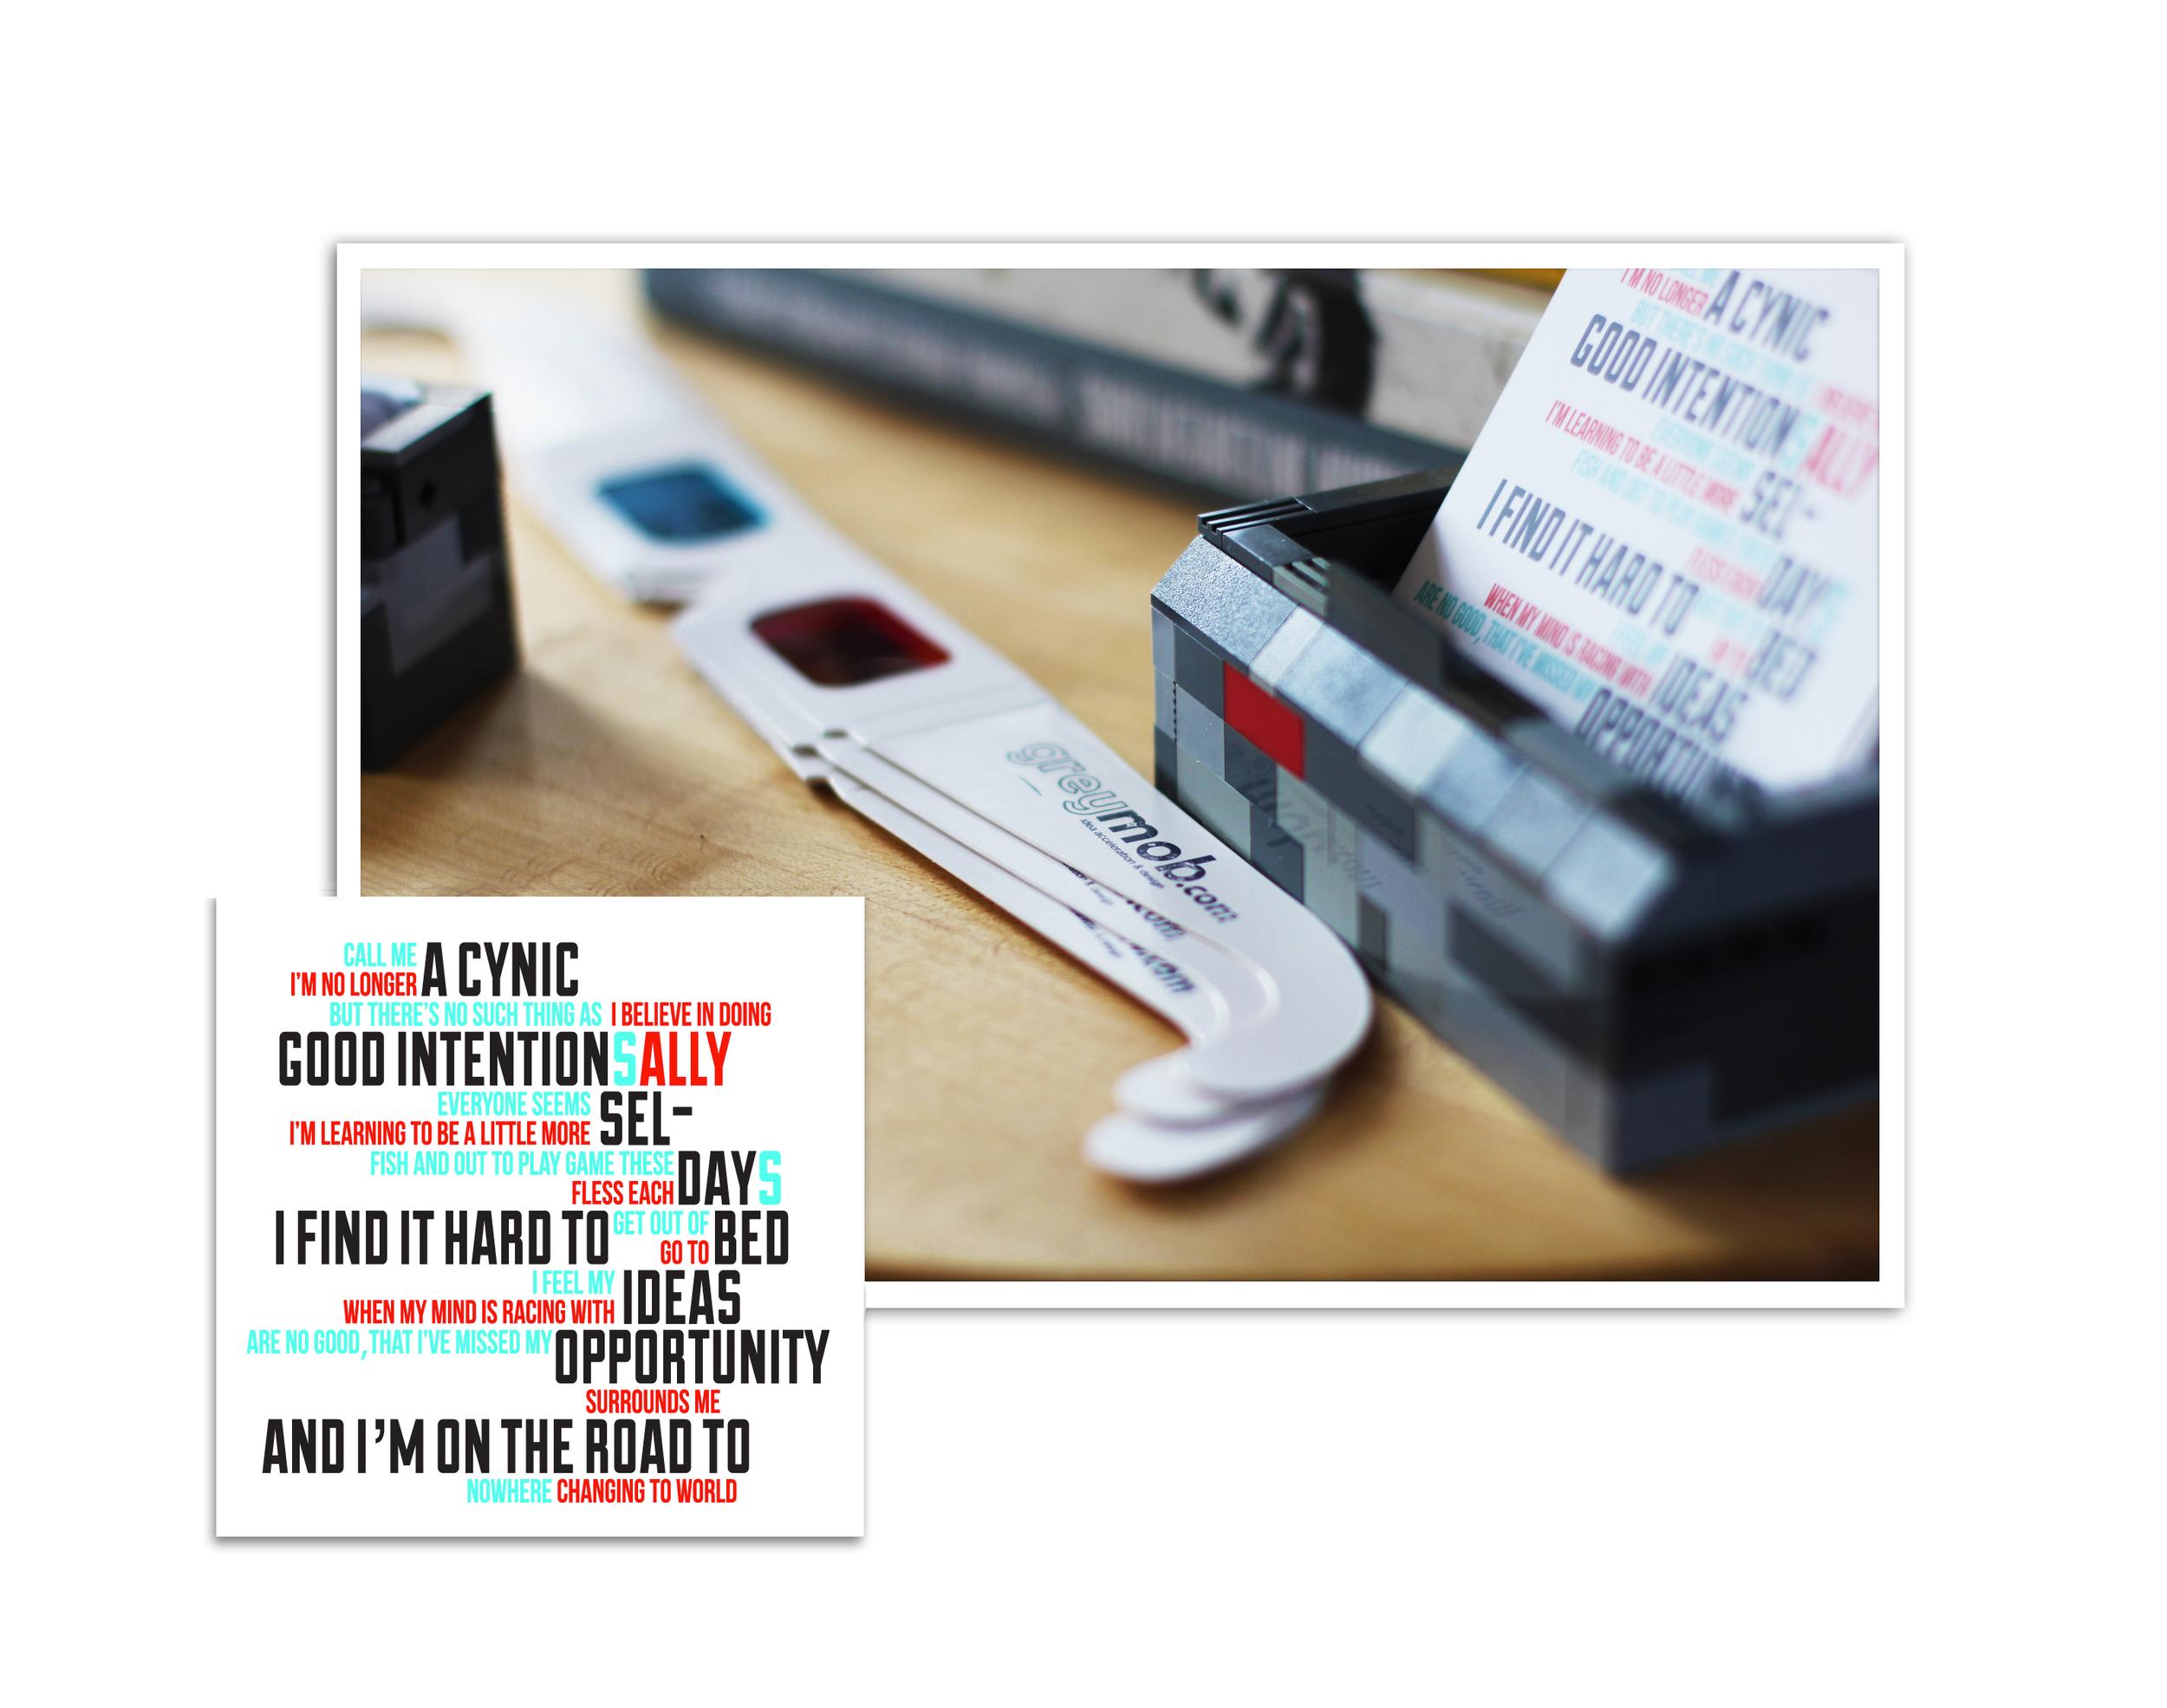 GreyMob-Manifesto.png